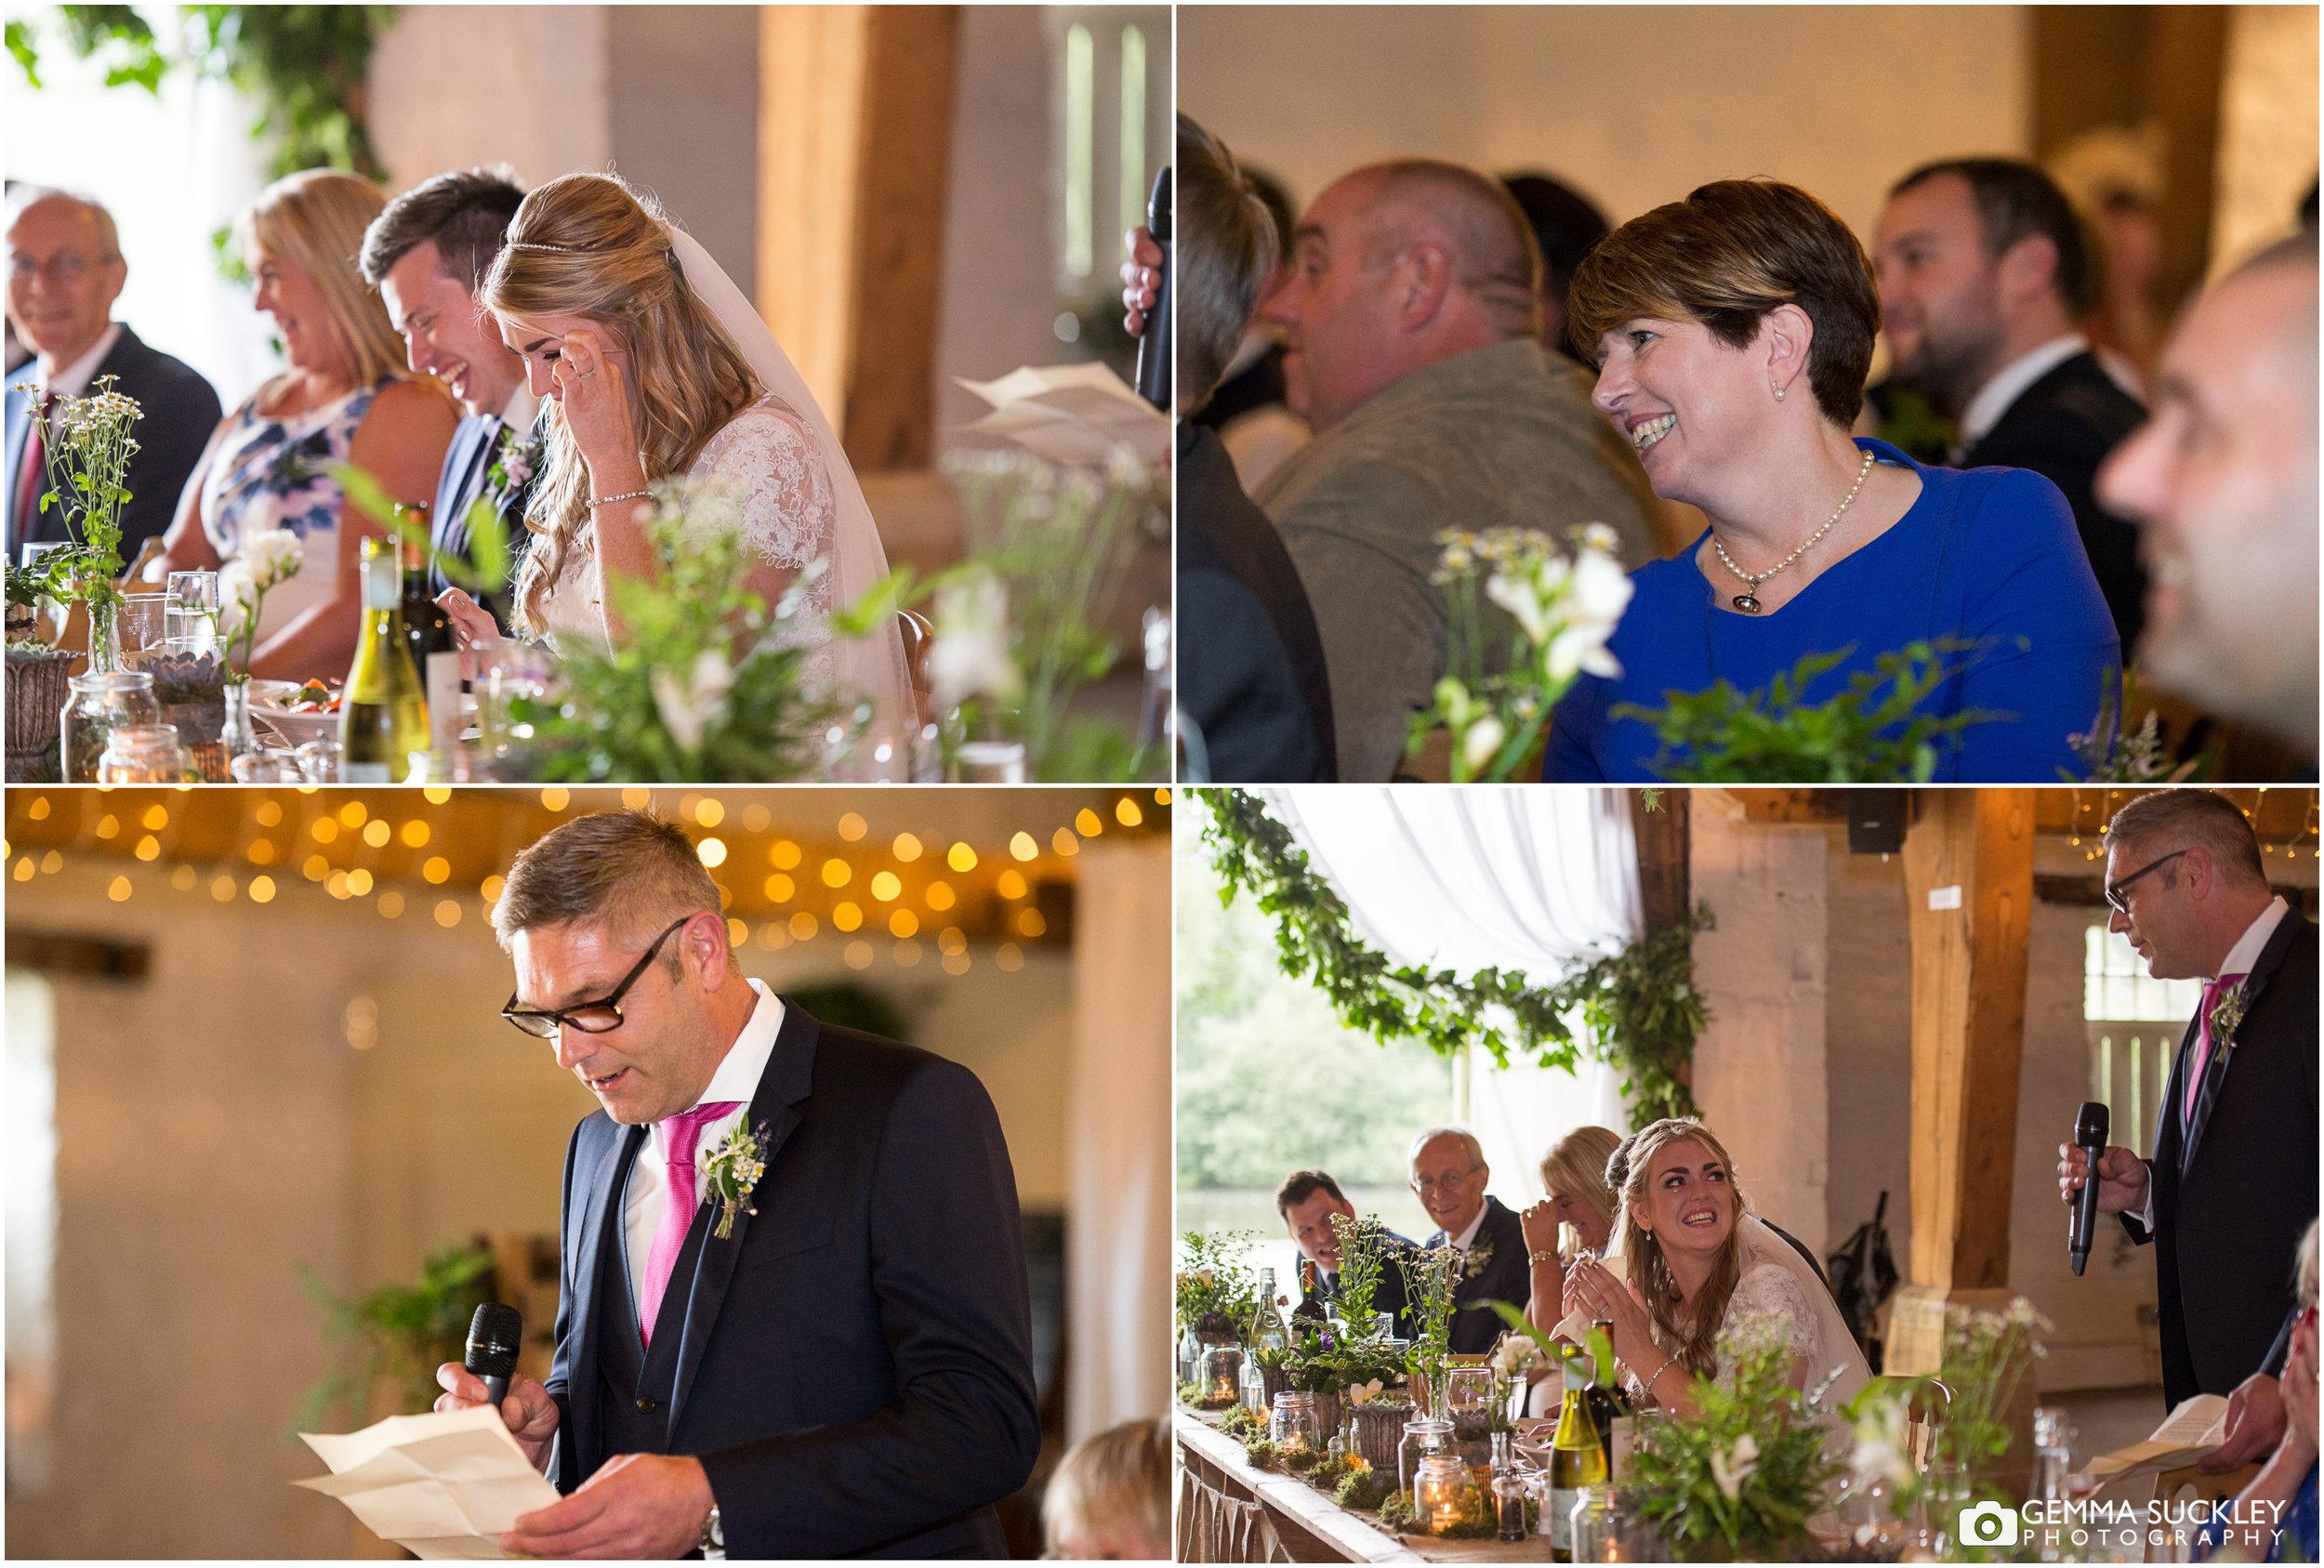 weddings-at-east-riddlesden-hall-speeches©gemmasuckleyphotography.jpg